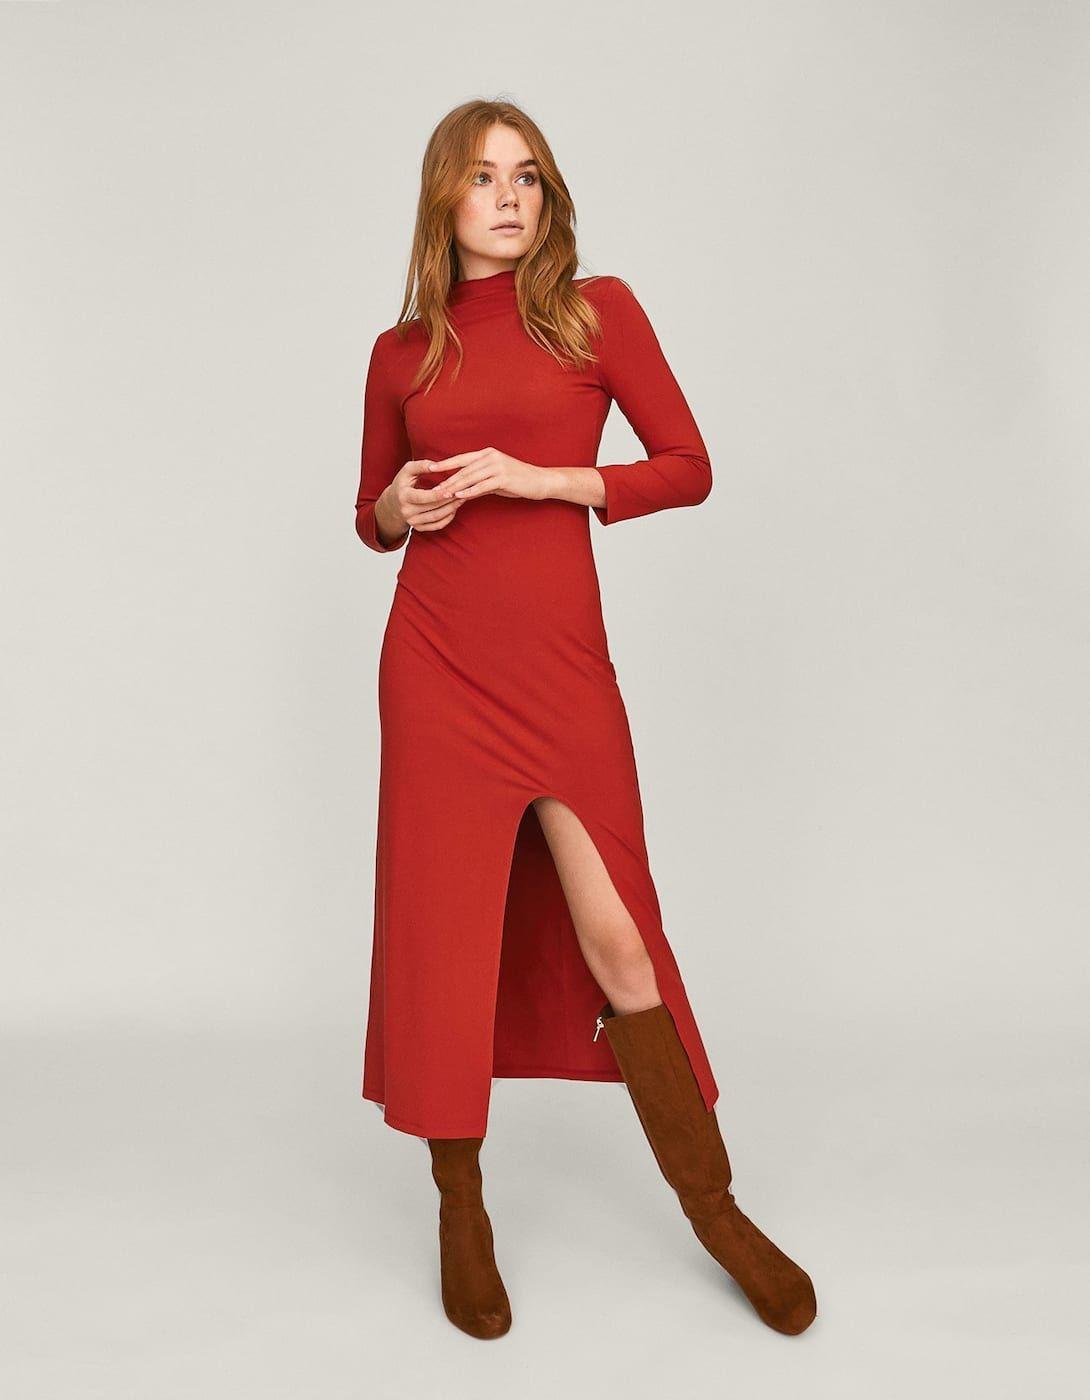 6e01d79573db Vestido largo cuello perkins Limited edition | Inditex-Mango ...